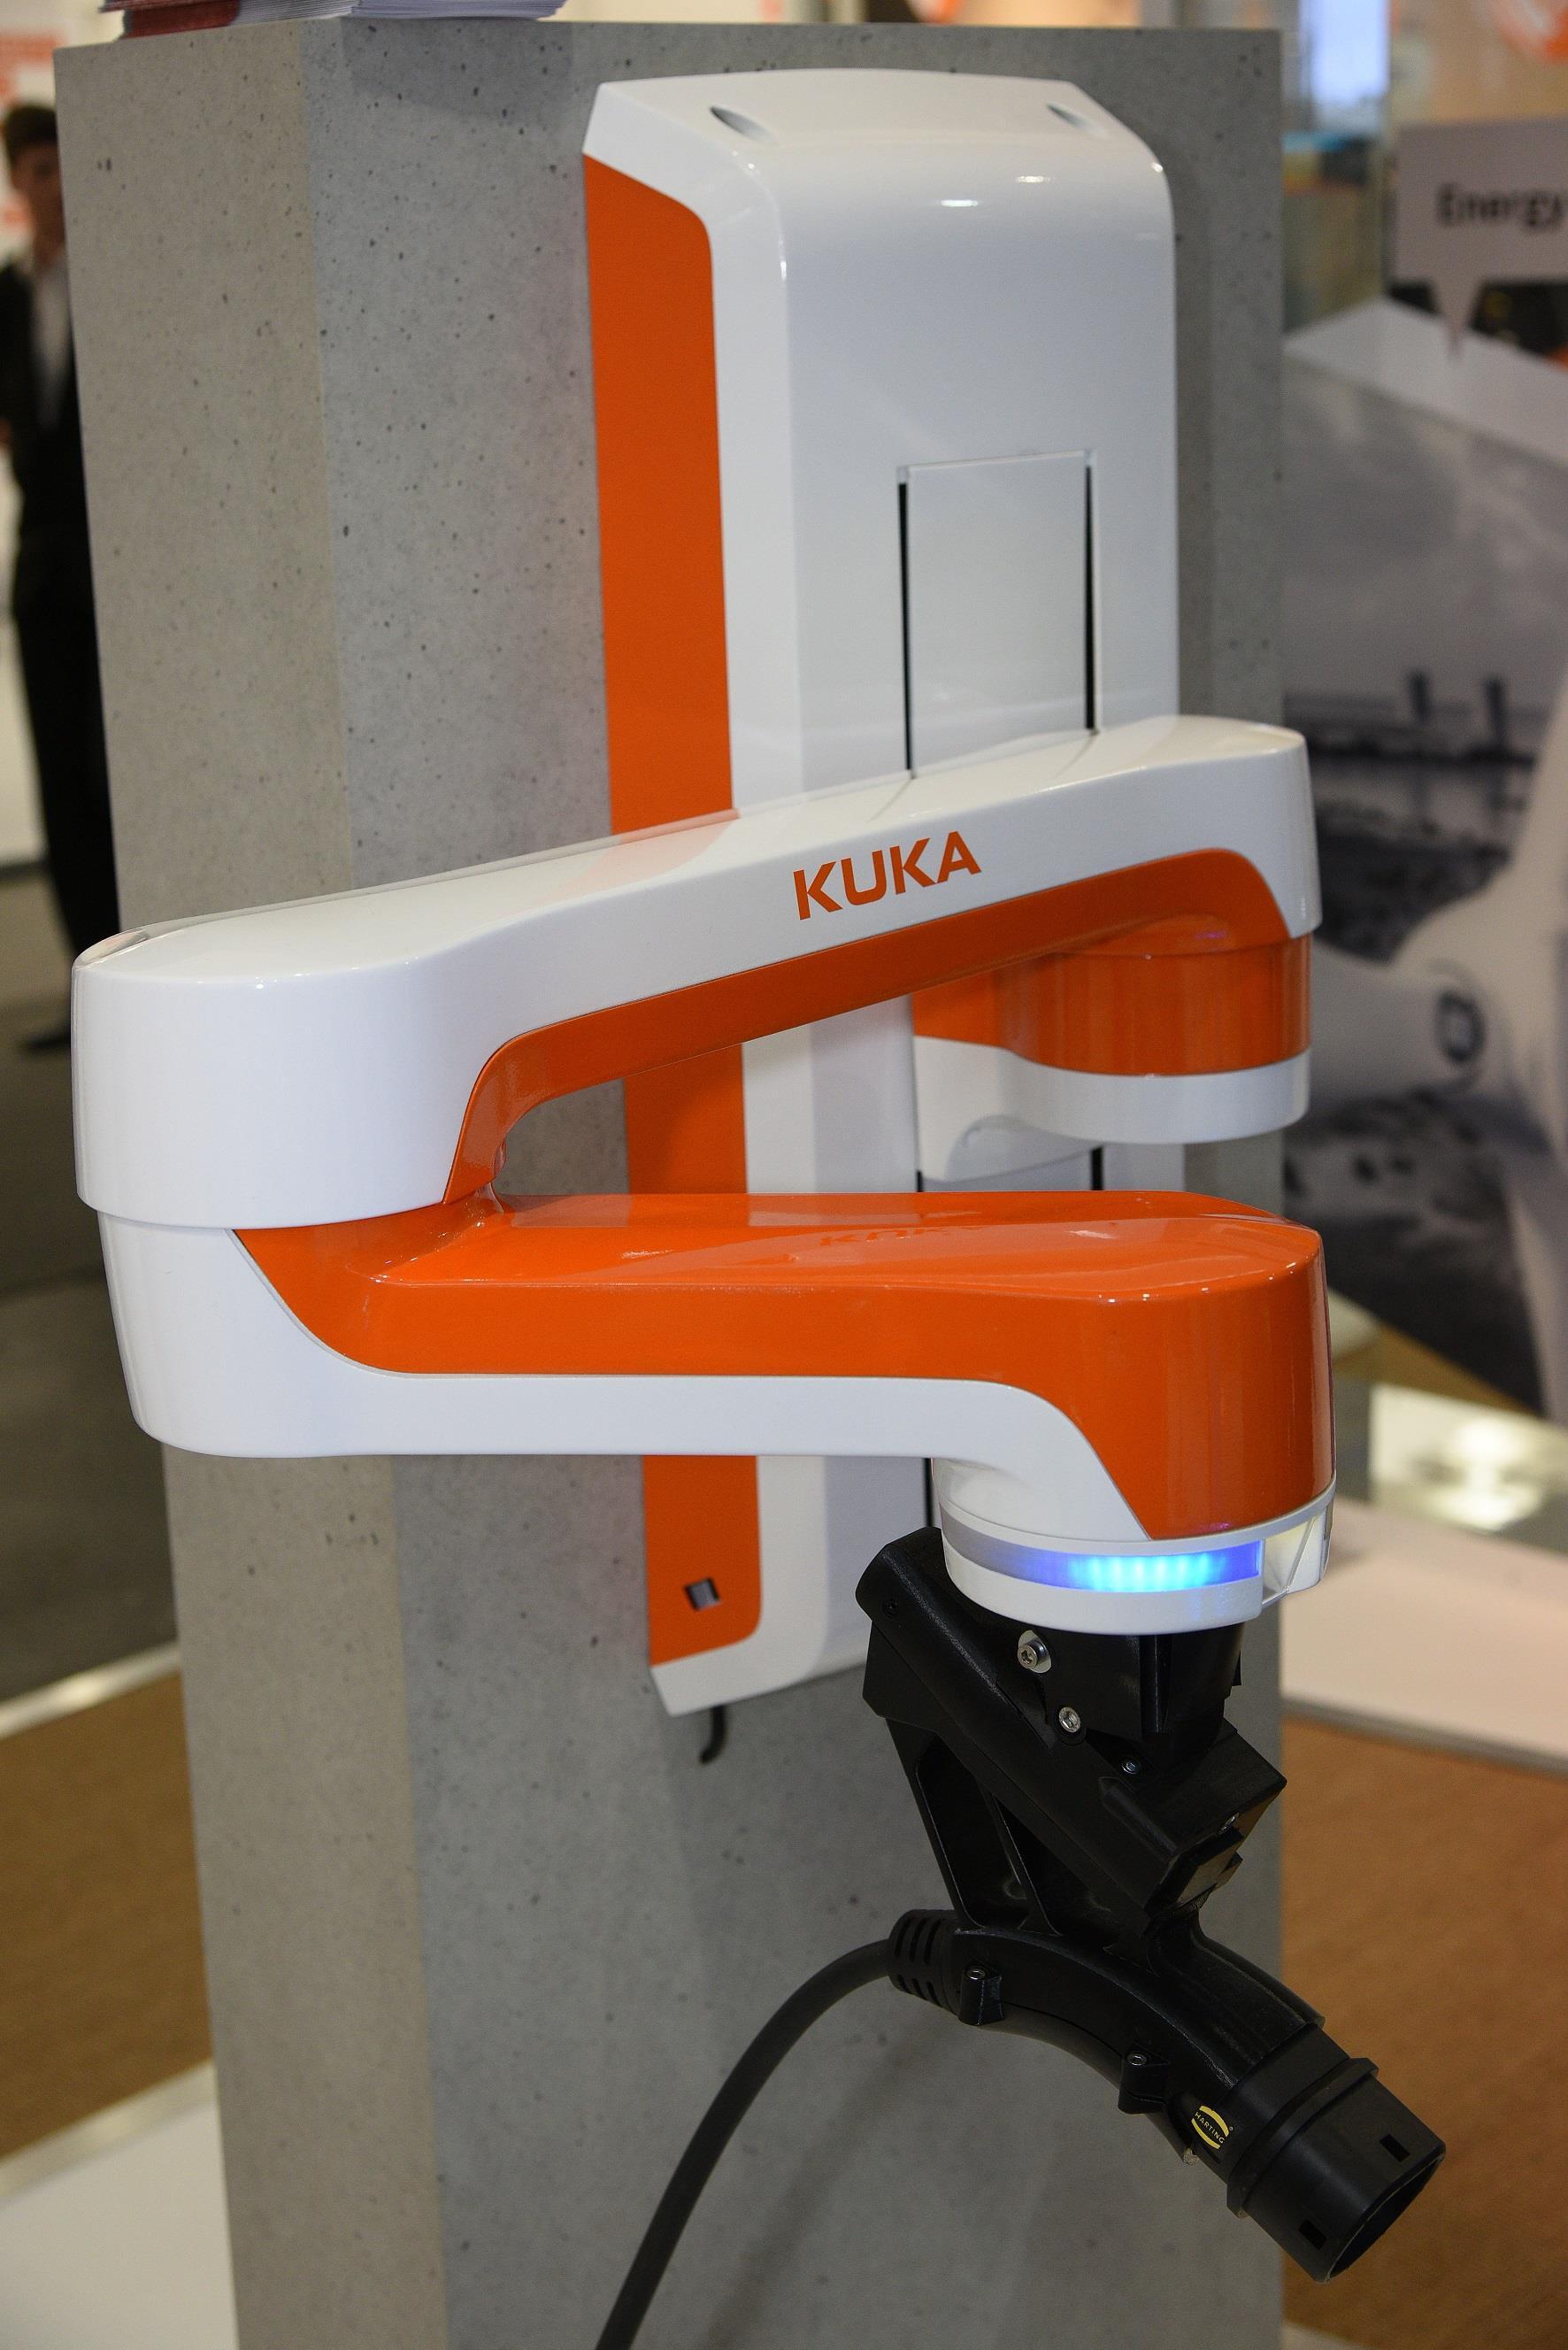 迪拜国际通讯及消费电子展览会(GITEX):浩亭为电动汽车提供智能解决方案